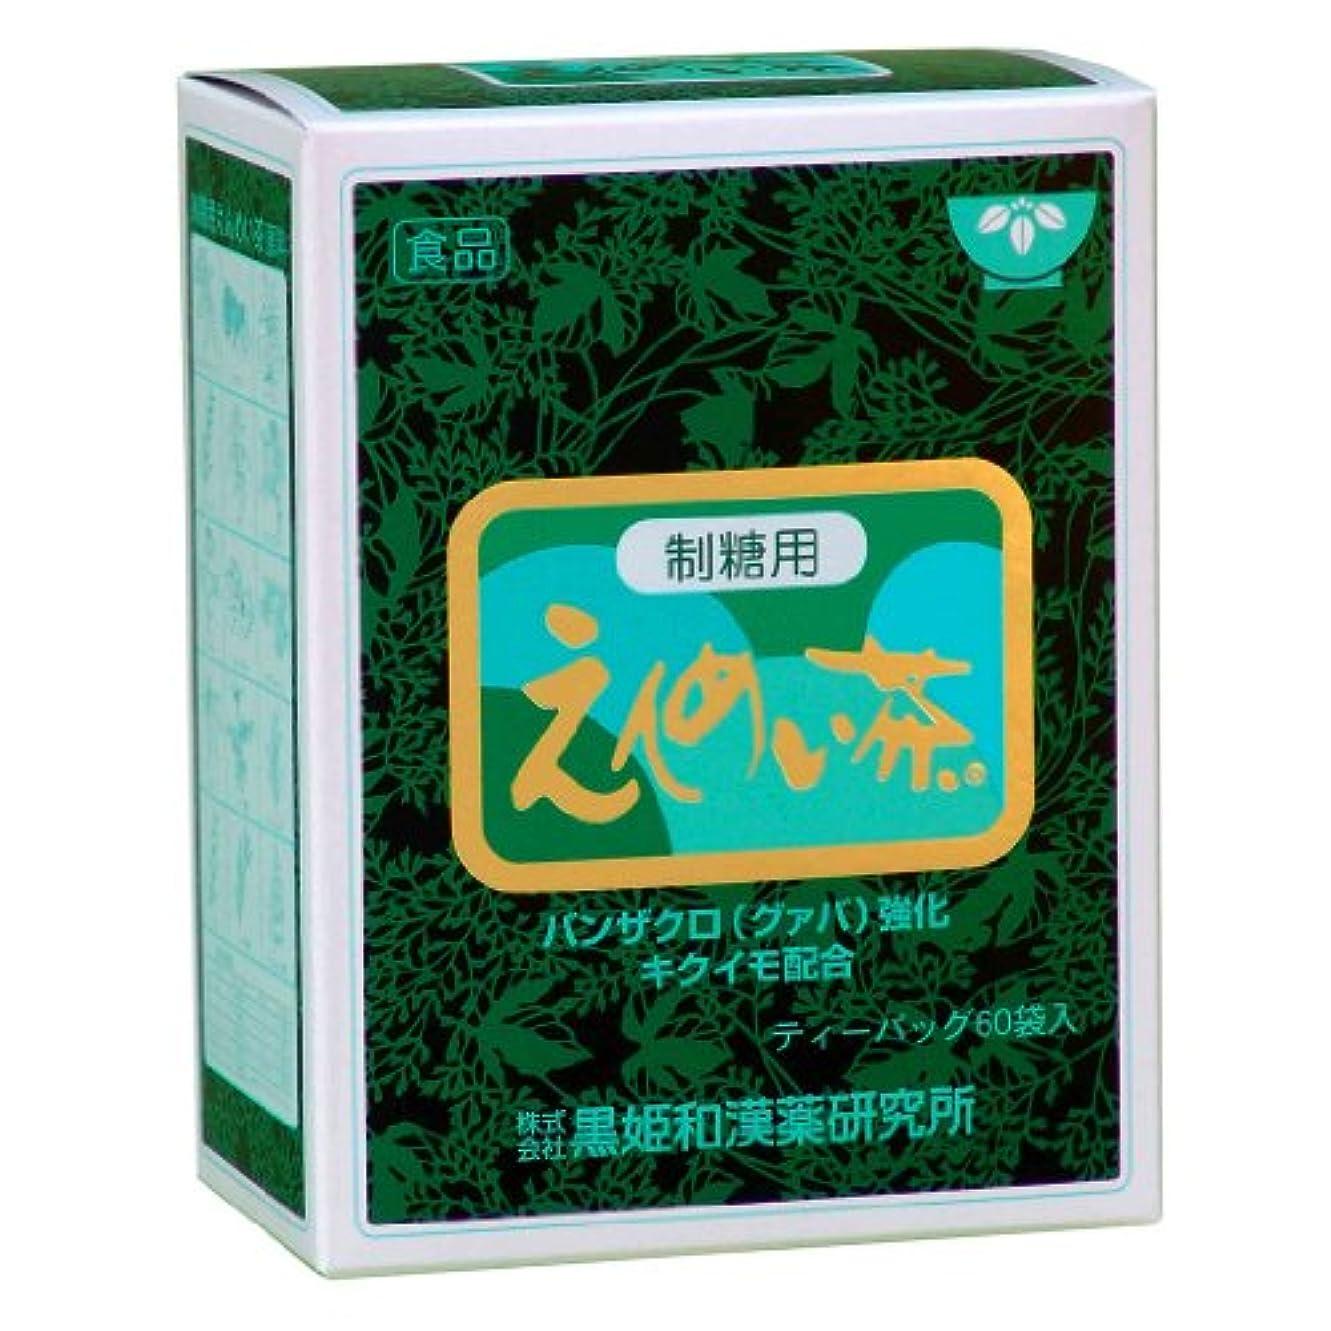 債権者因子ダムユニマットリケン 黒姫えんめい茶制糖用 5gx60包